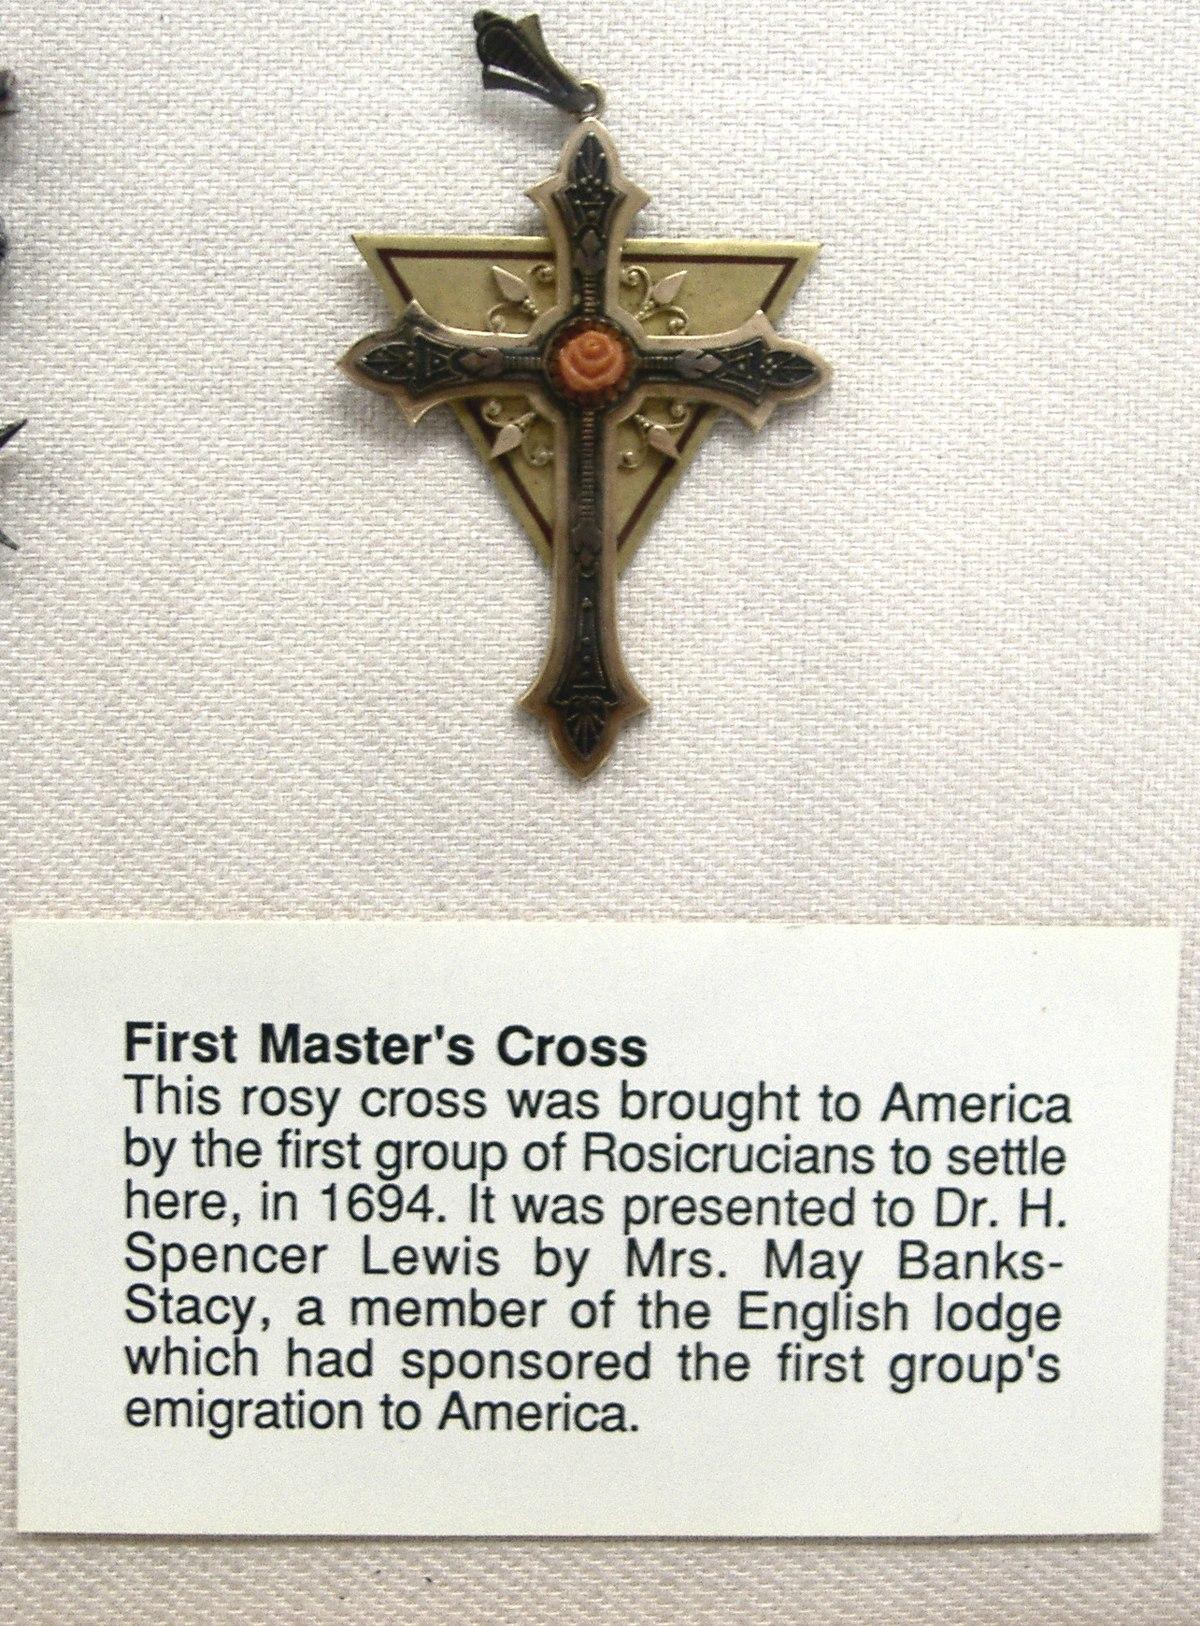 Mbstacy cross.jpg